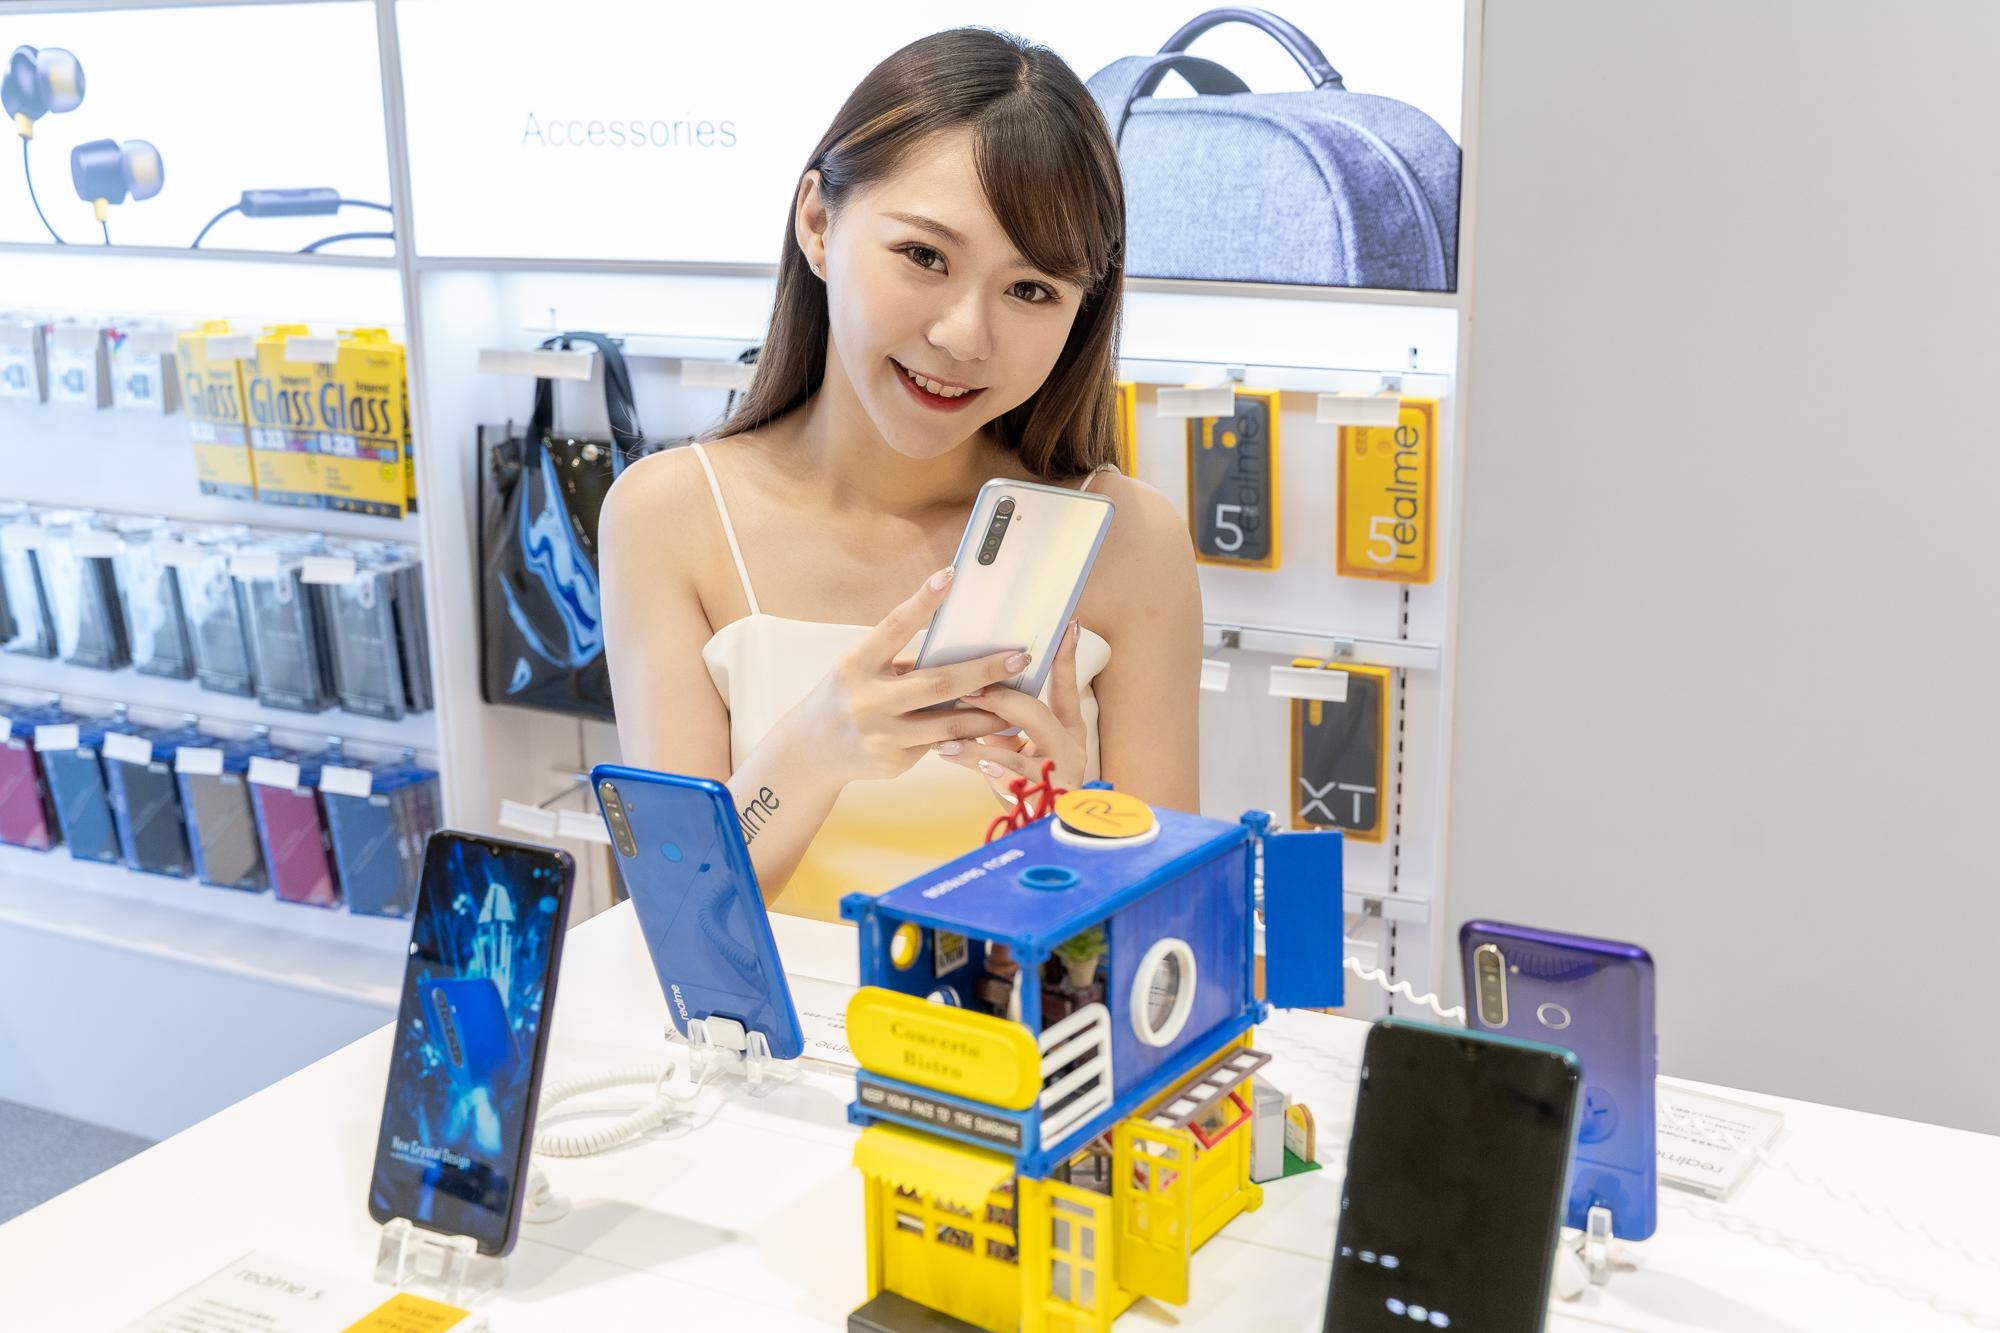 realme品牌專櫃提供目前販售之全系列手機供體驗